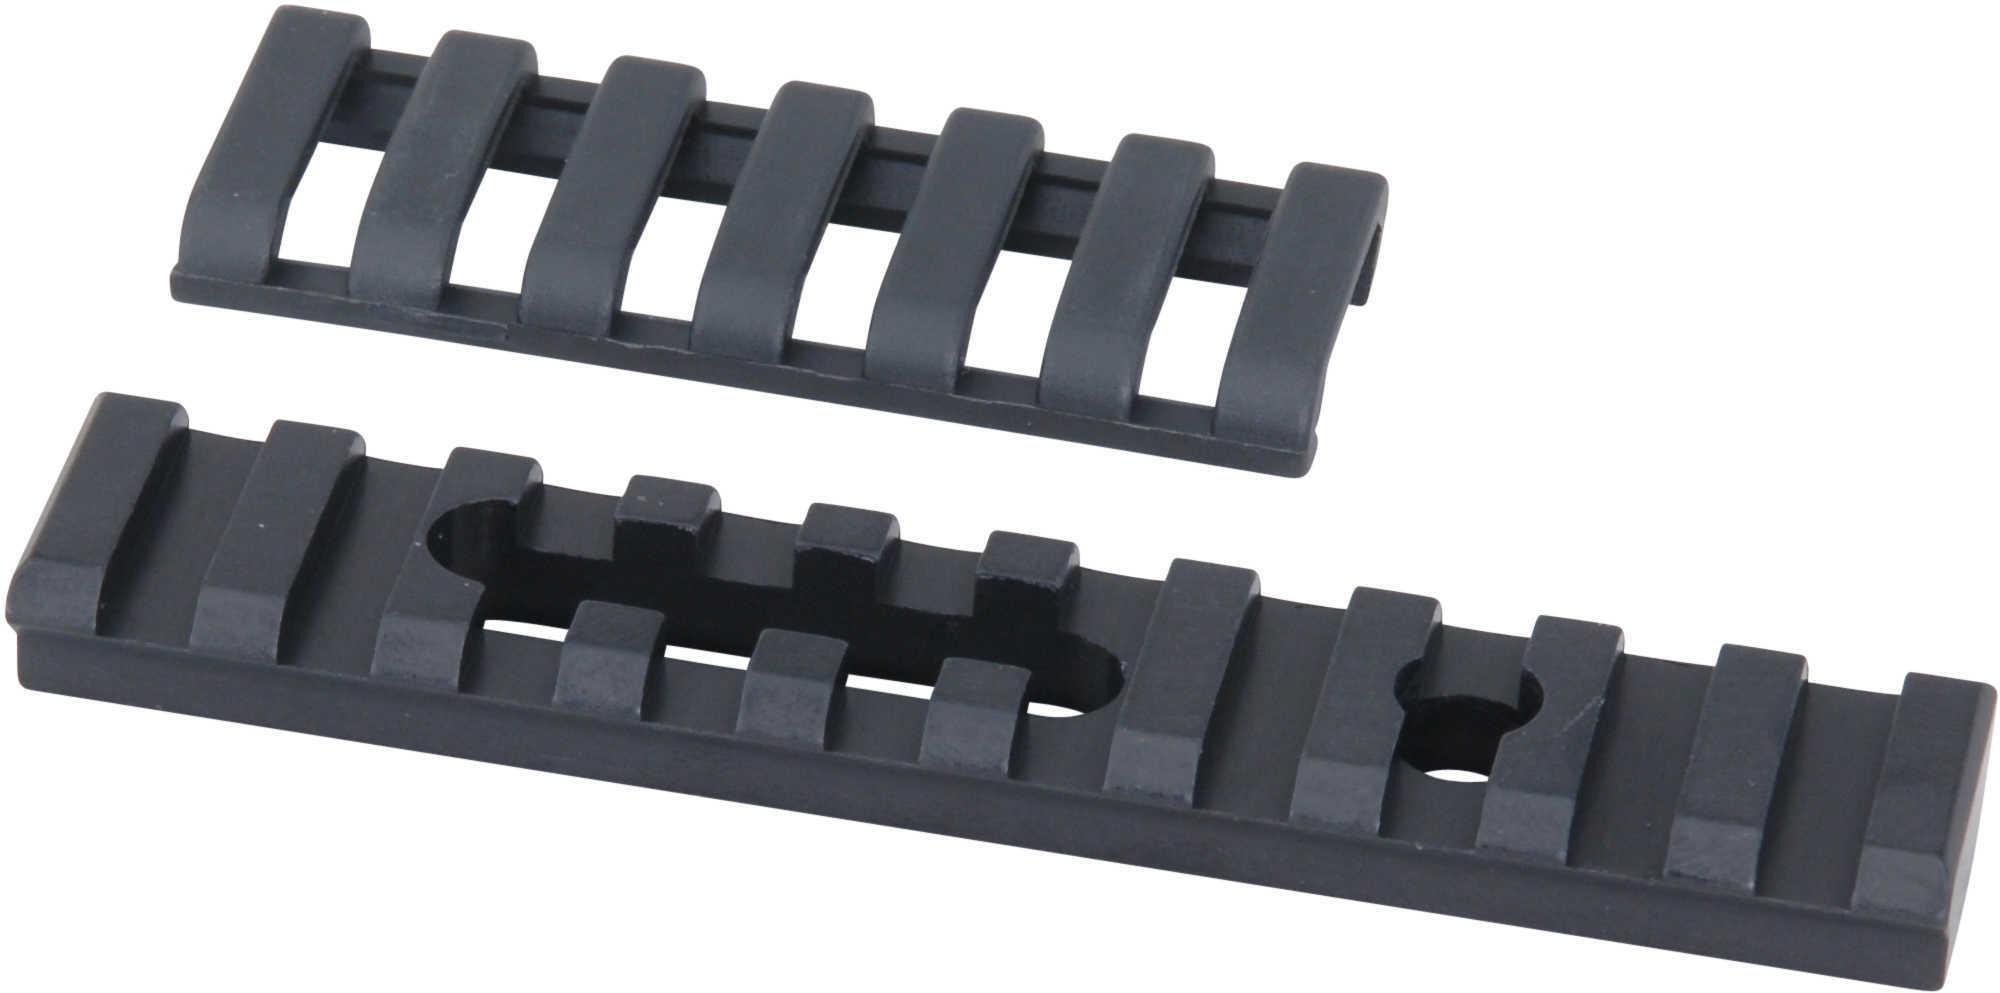 Aluminum Ump Rail 10 Slot With Ergo Covers, 1 Hole/1 Slot, Black Md: 4754